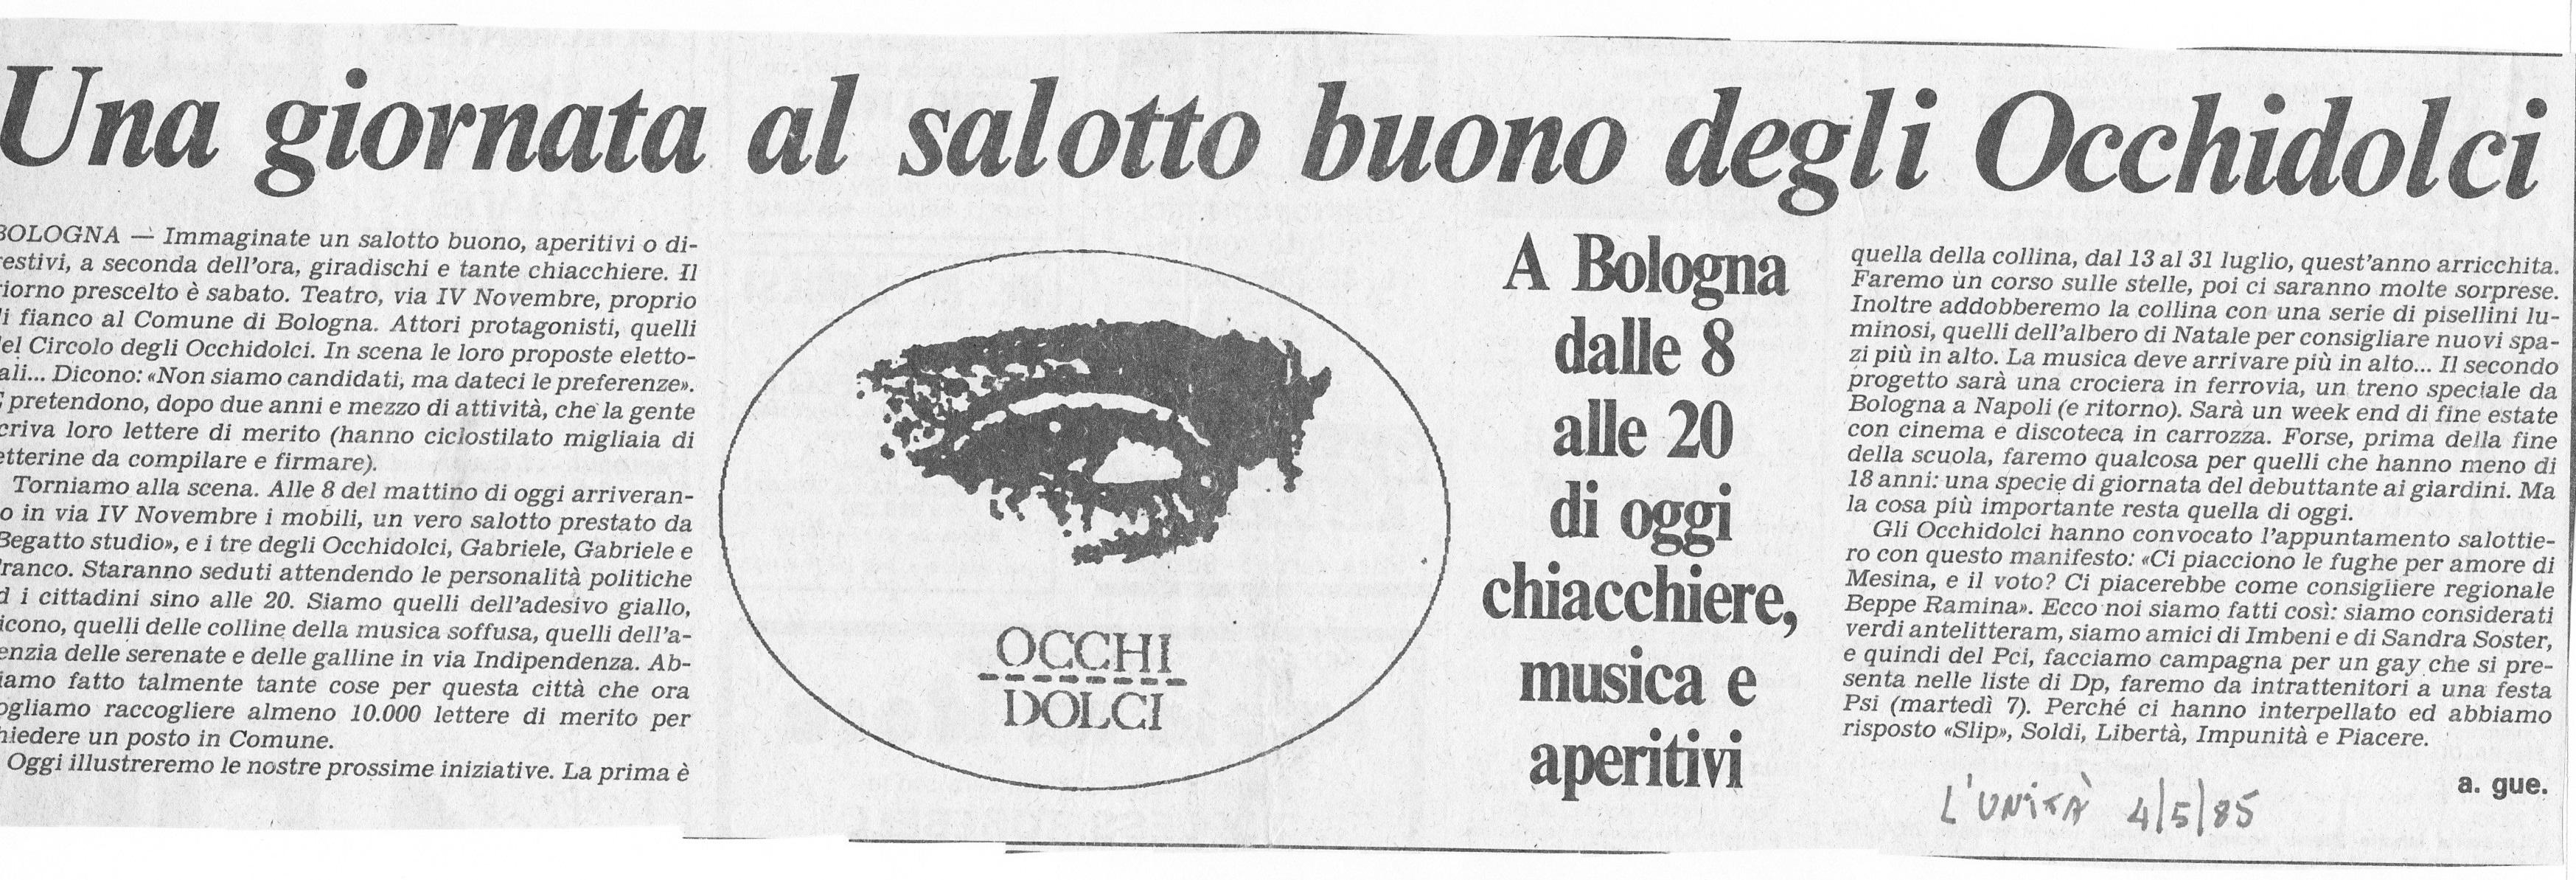 Unità4maggio1985